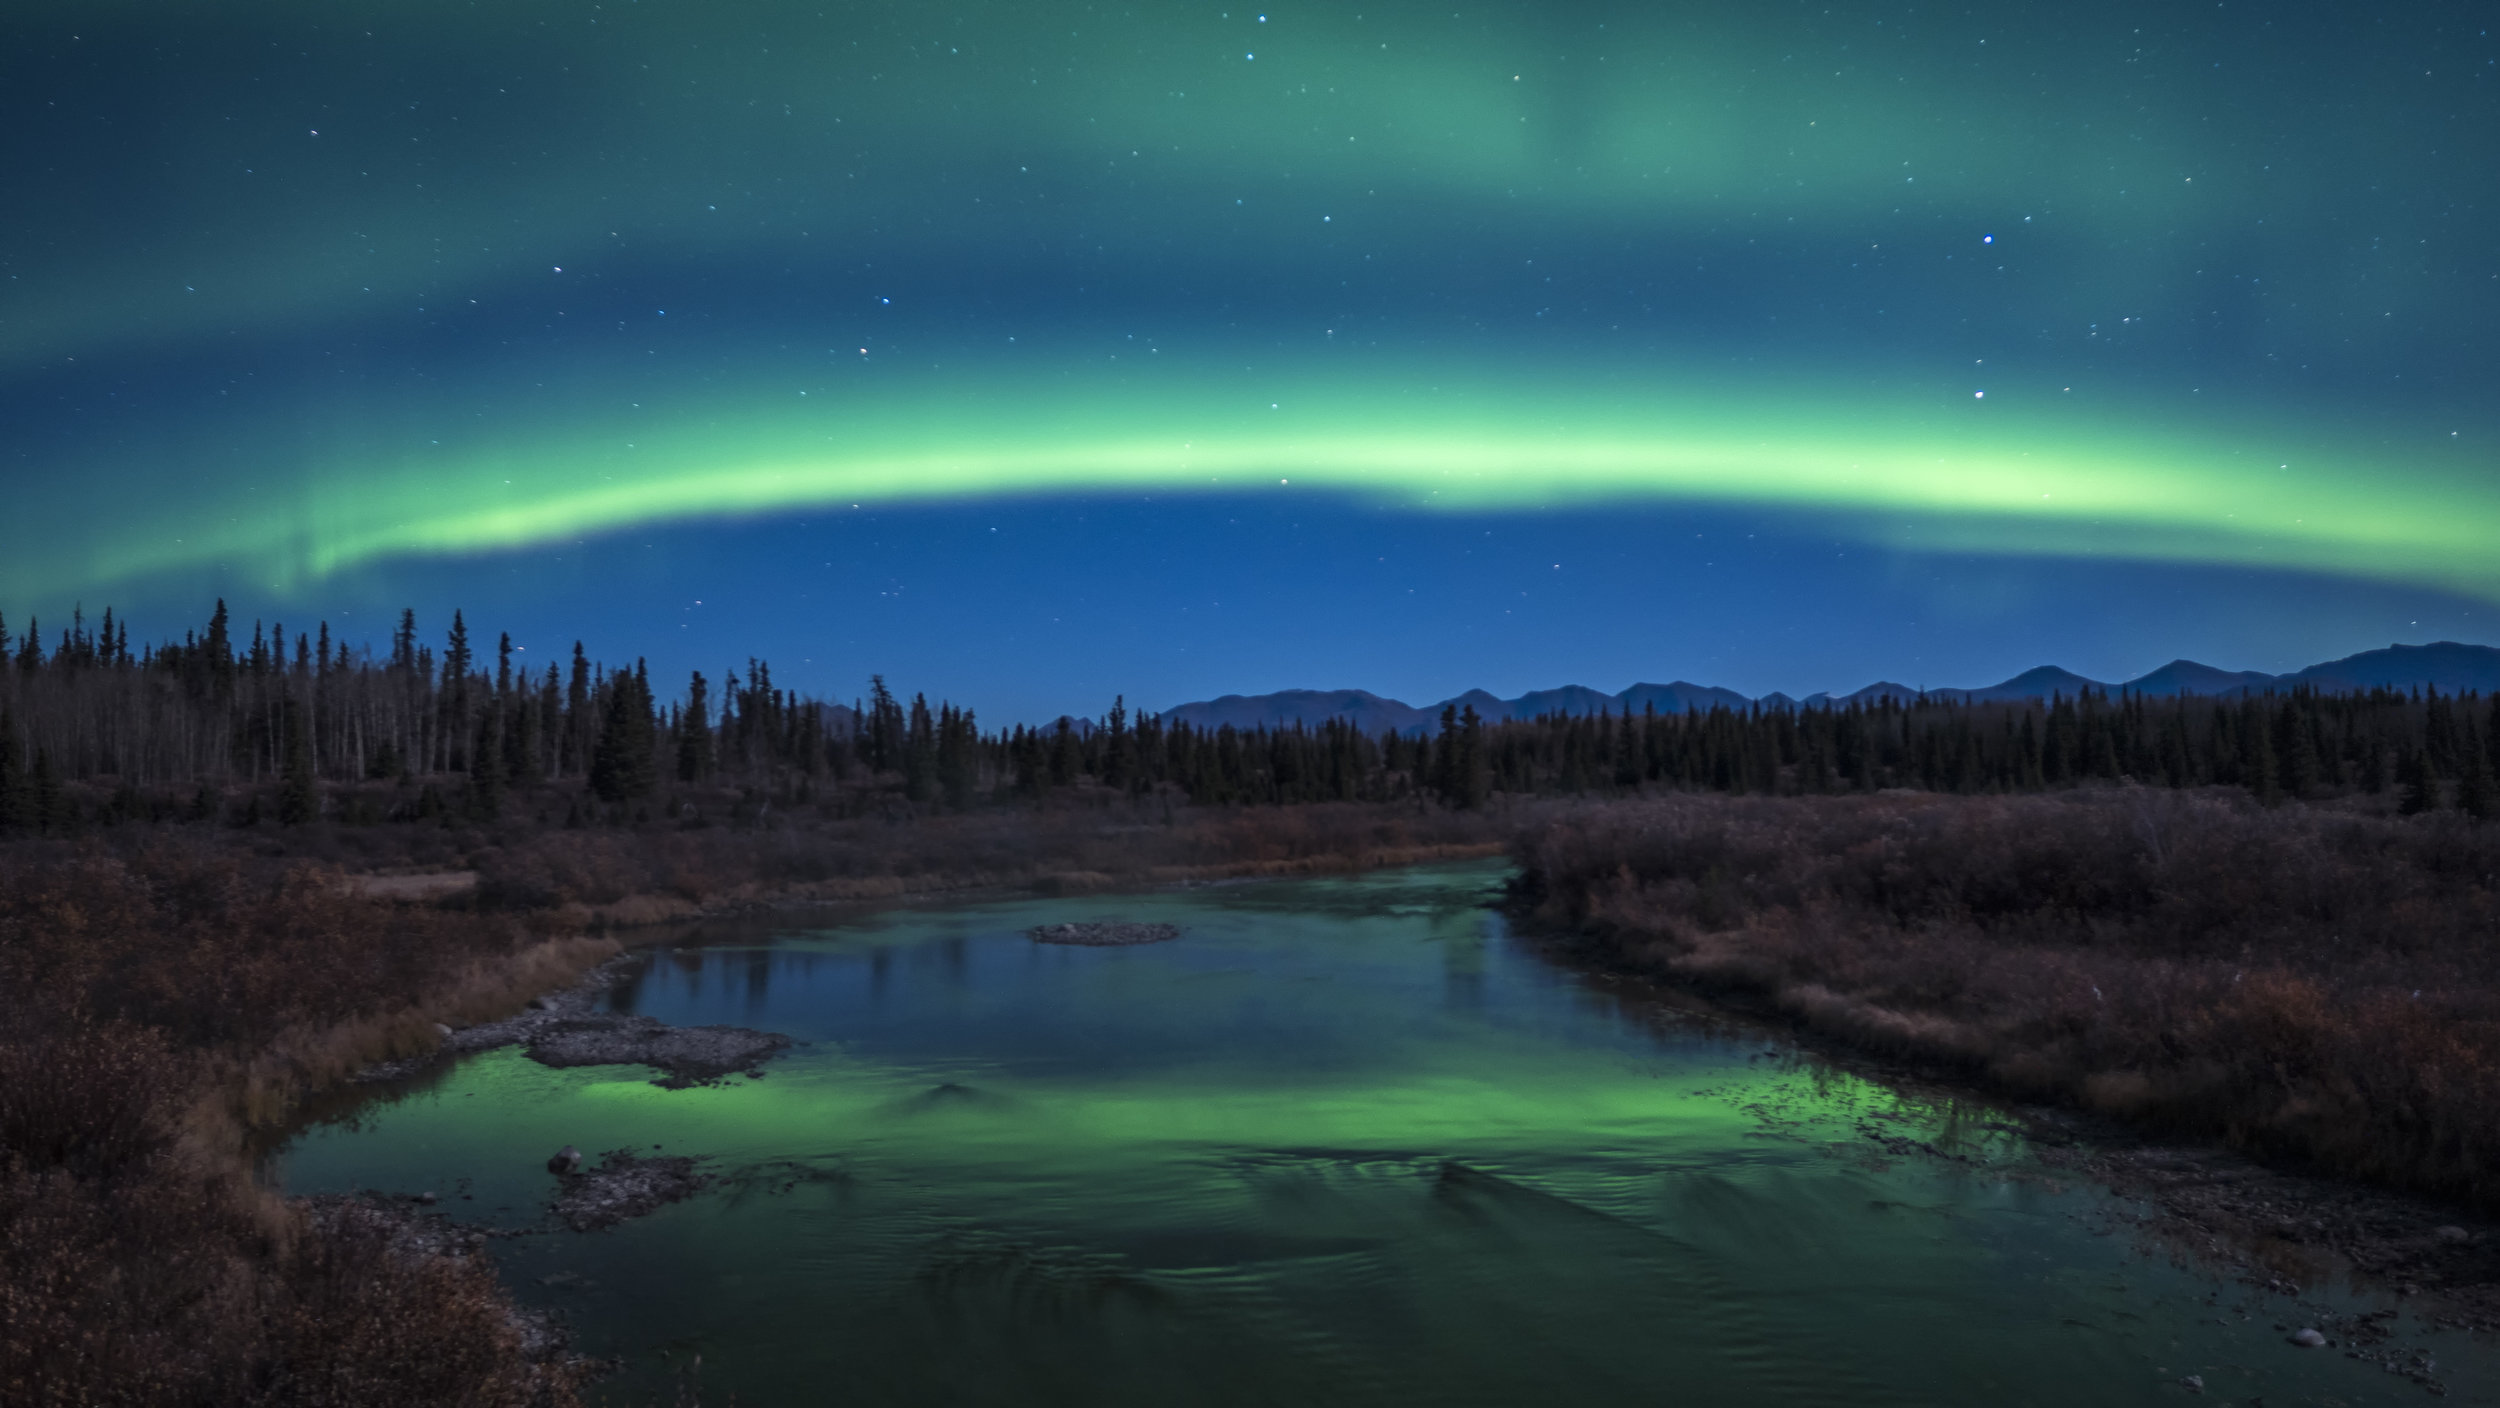 Aurora photography workshops using Lumix G9